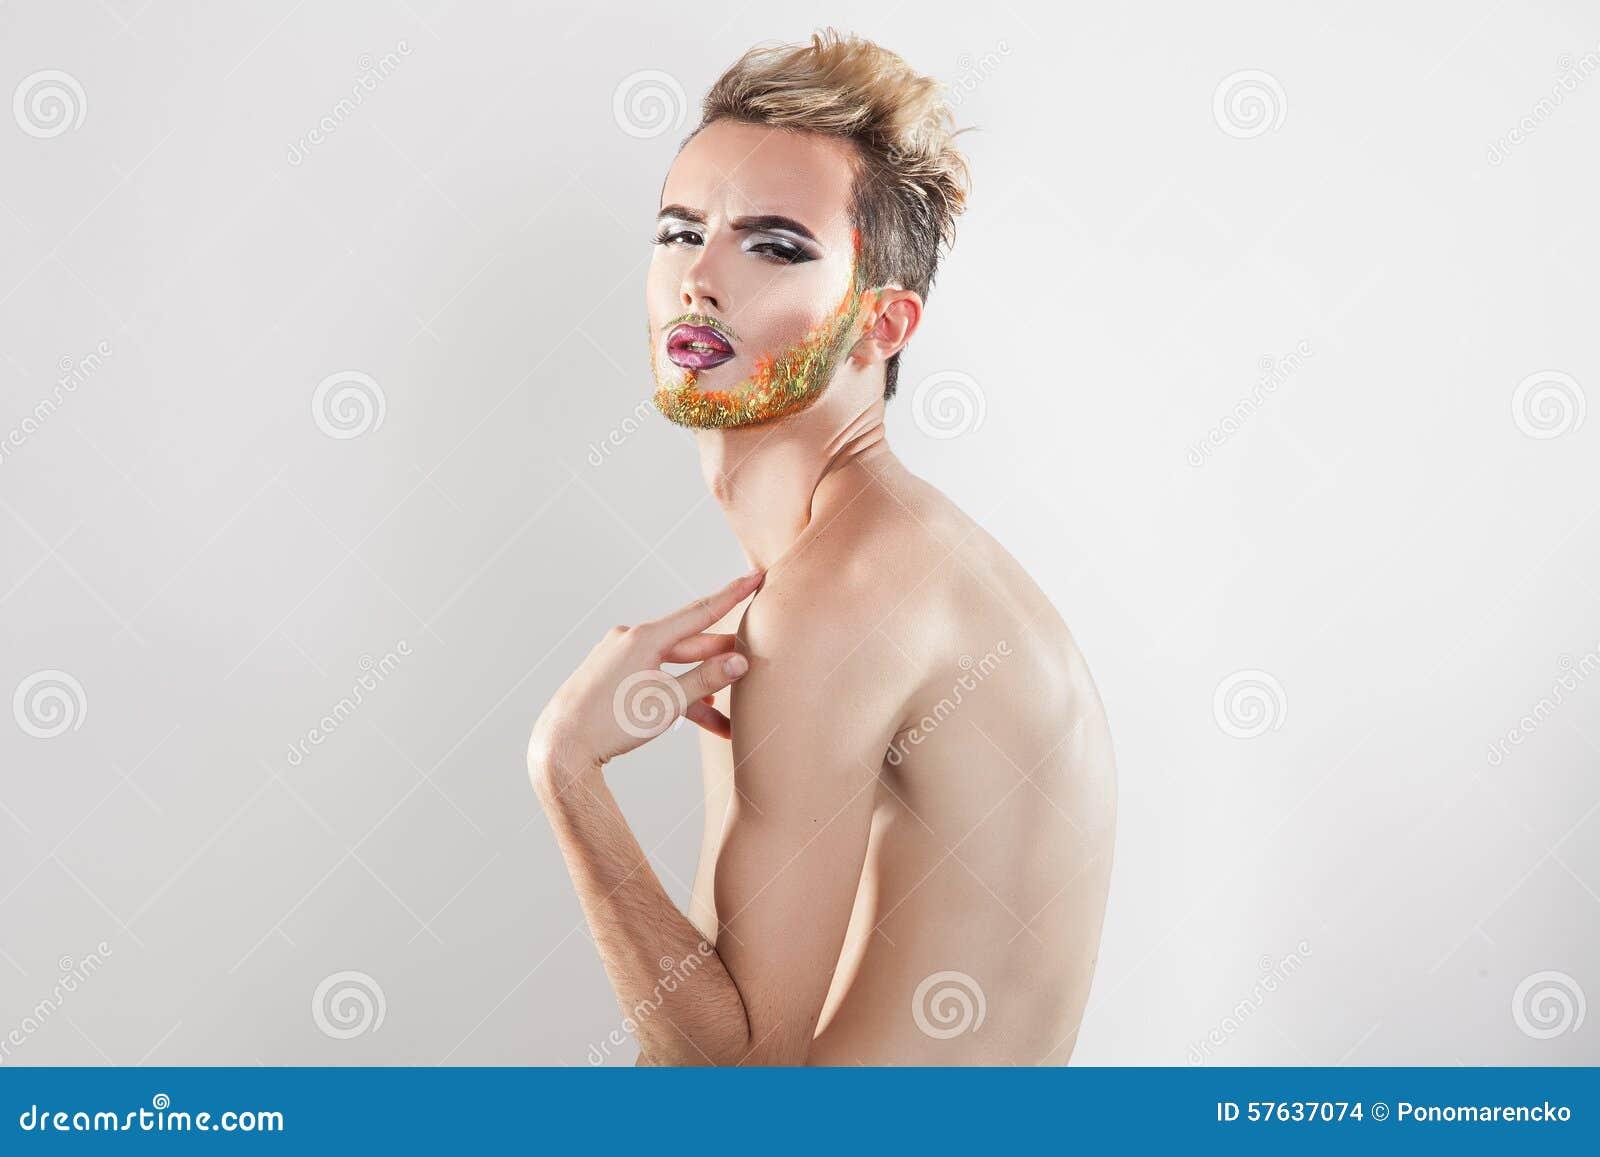 best looking gay men porn